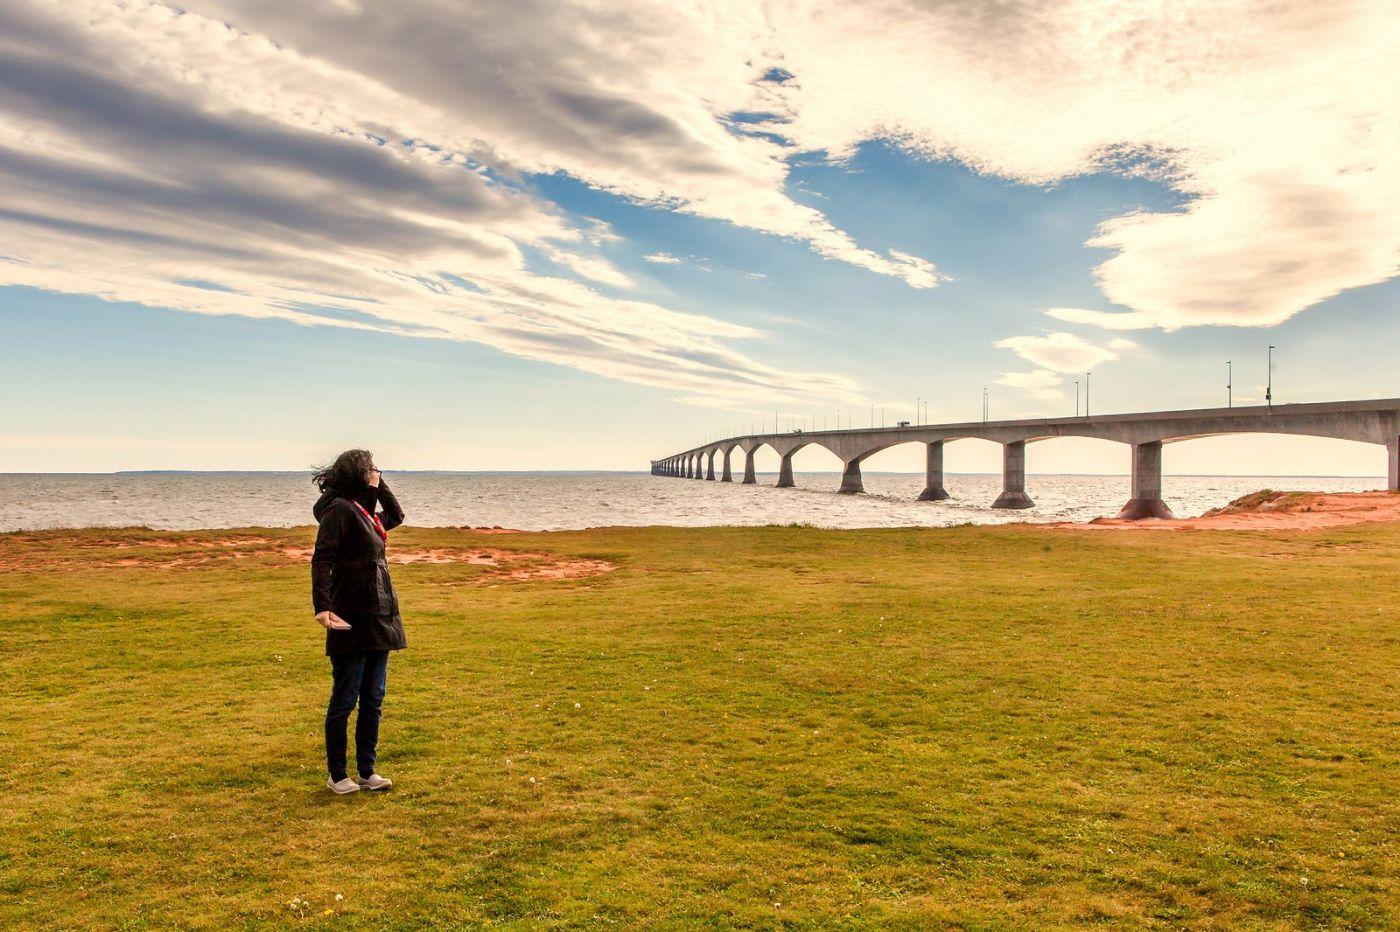 加拿大风景,长桥和灯塔_图1-11